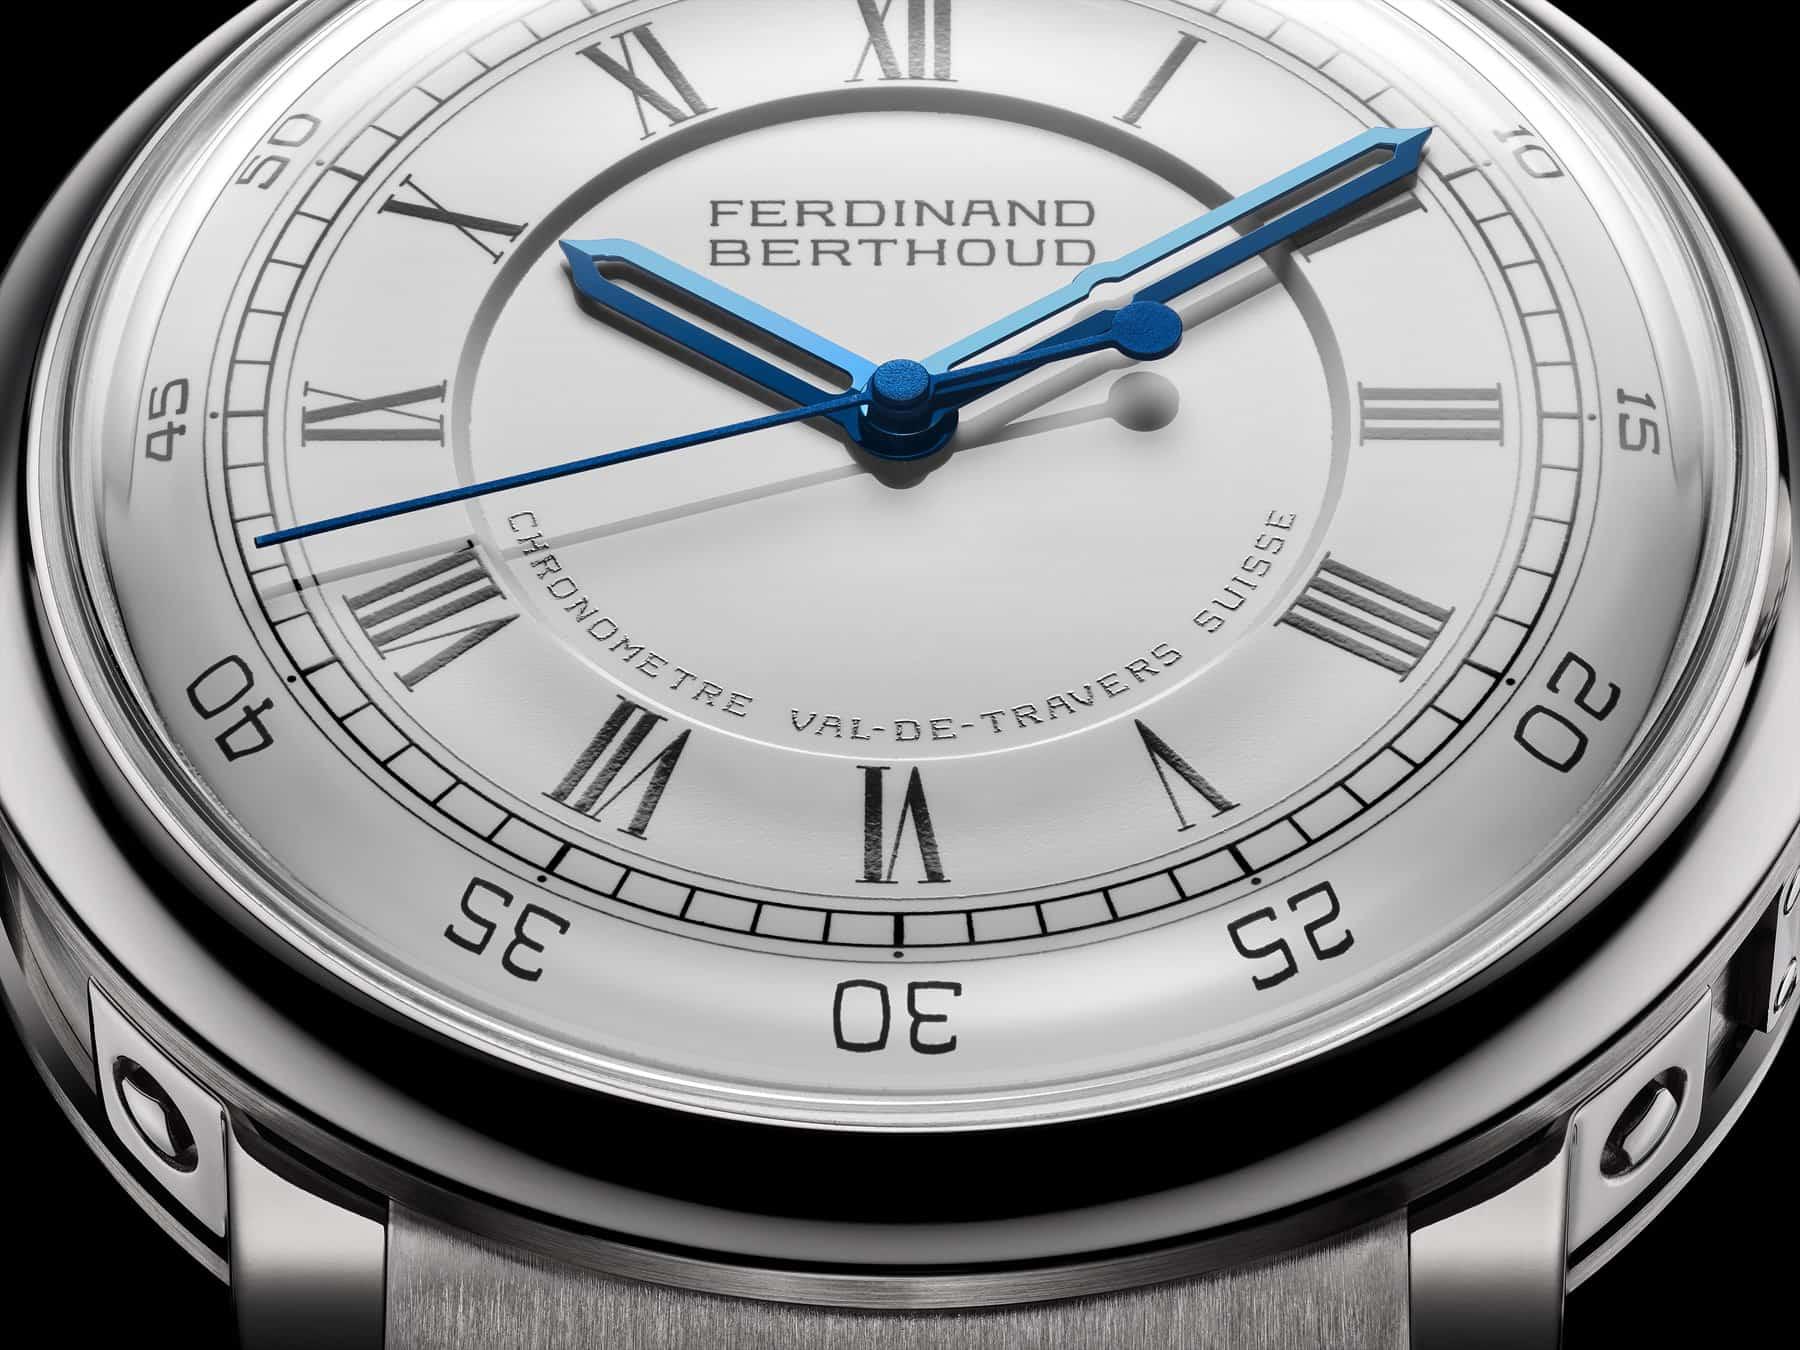 Der springende Sekundenzeiger der Ferdinand Berthoud Chronometer FB 2 wiegt lediglich 0,01 Gramm